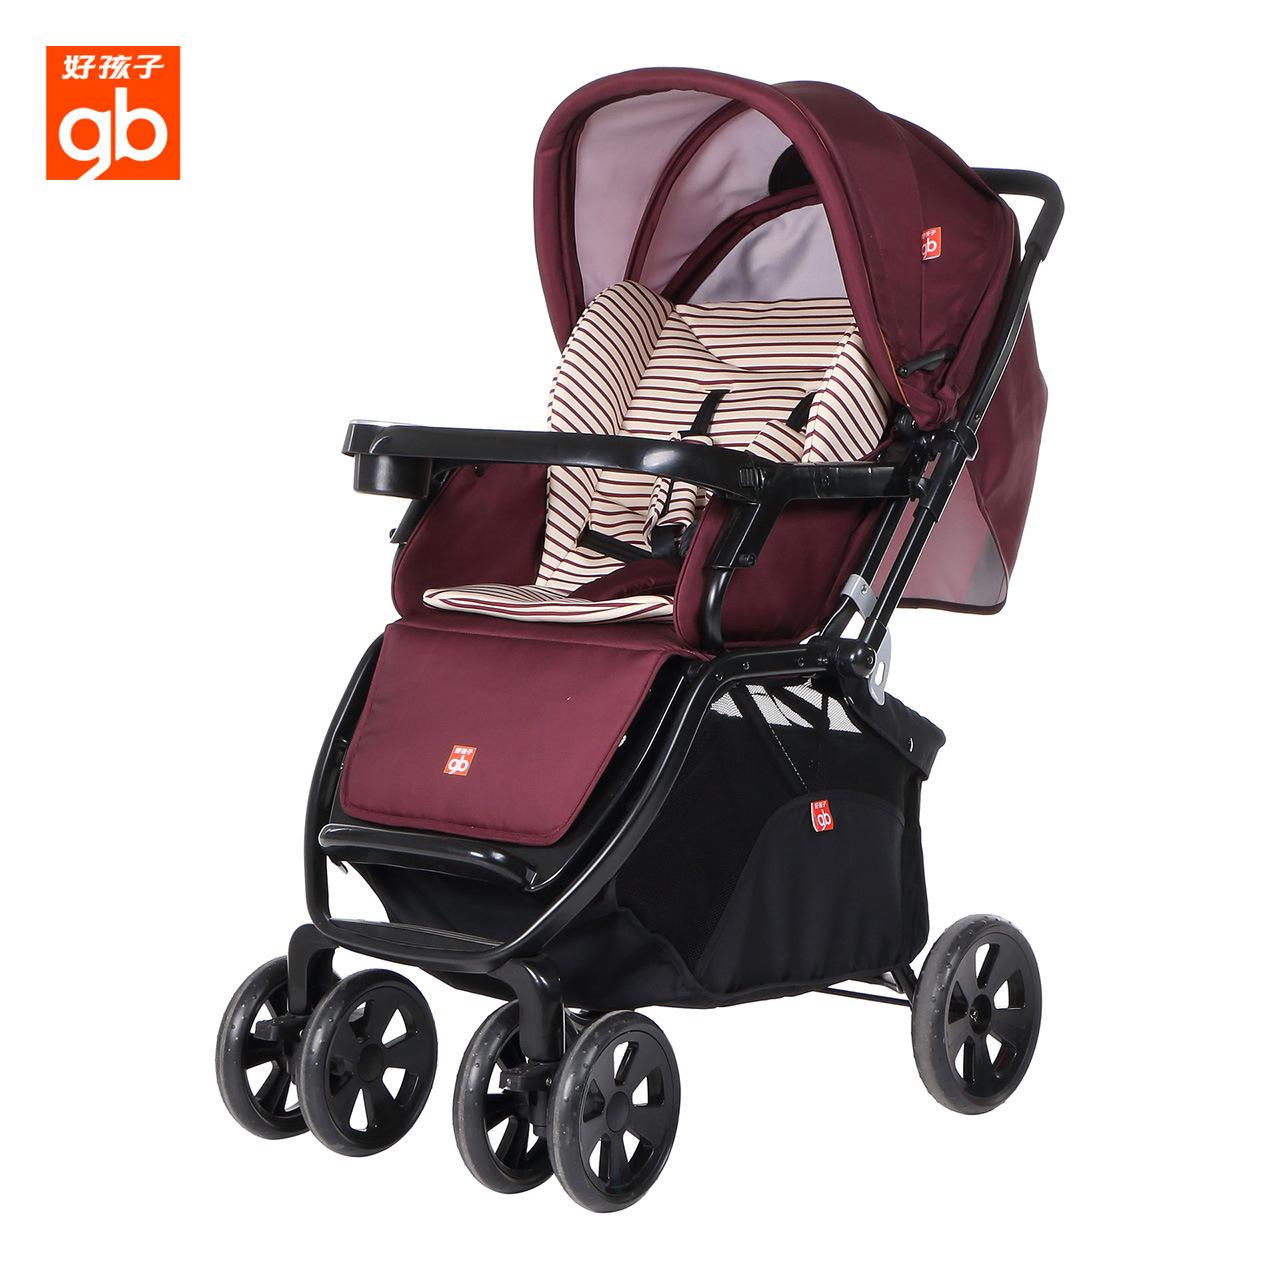 Xe đẩy em bé Goodbaby phong cảnh cao dễ dàng gấp xe đẩy em bé C400 - Xe đẩy / Đi bộ